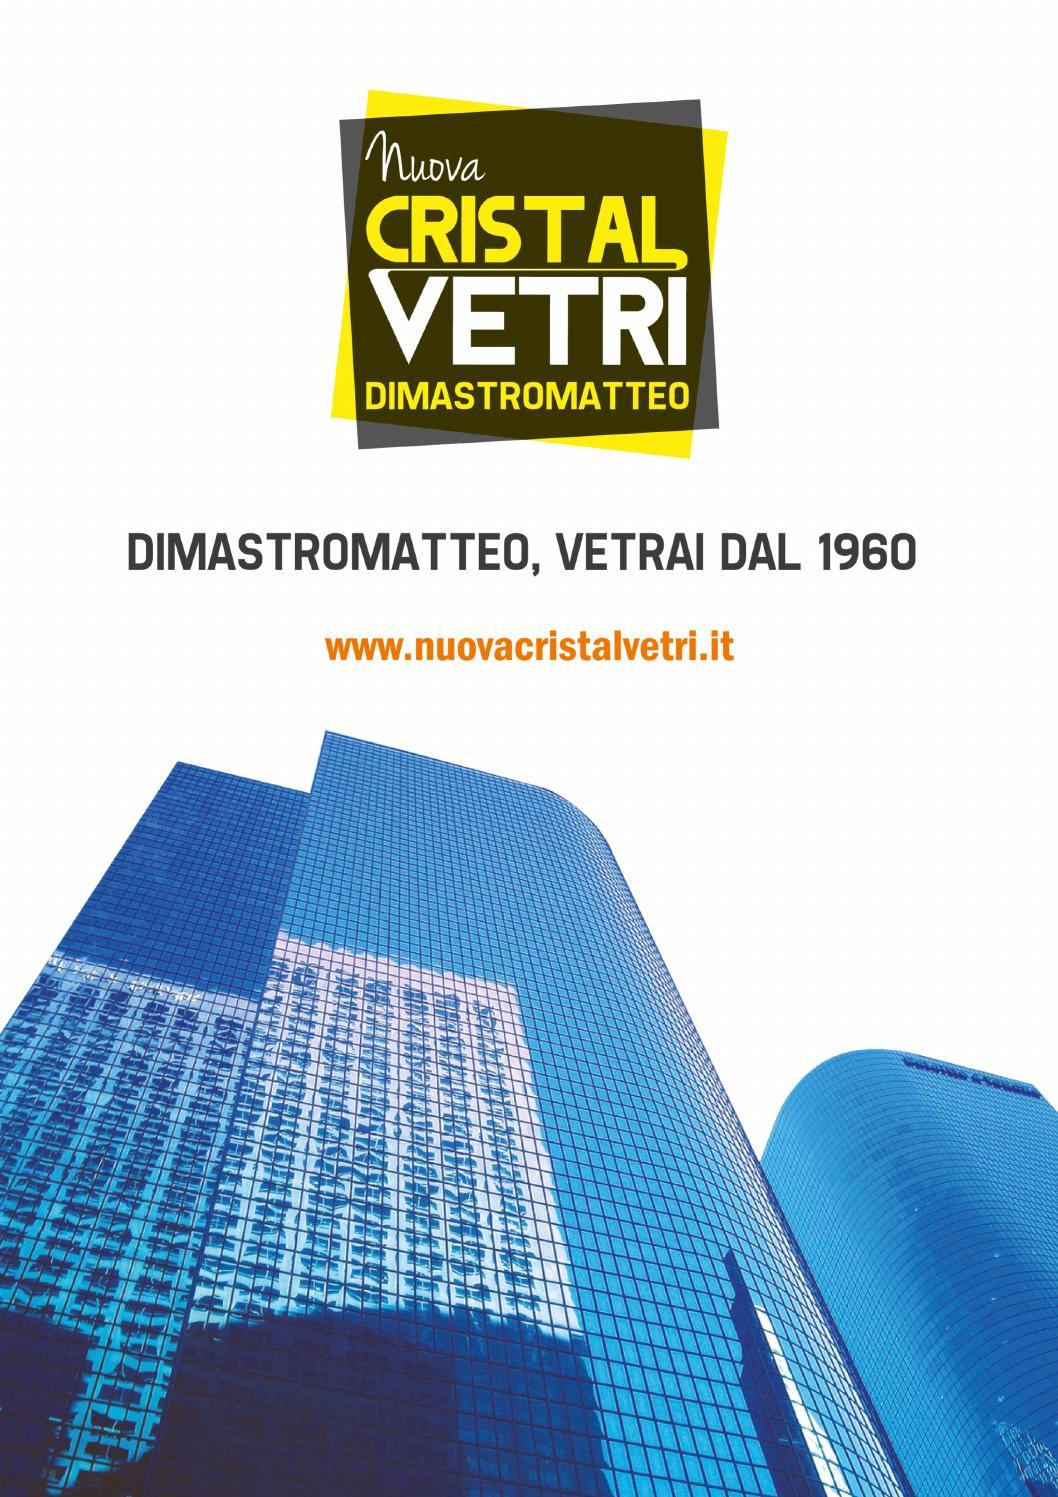 Adesivo Per Vetrai catalogo nuova cristalvetri by nuova cristalvetri - issuu